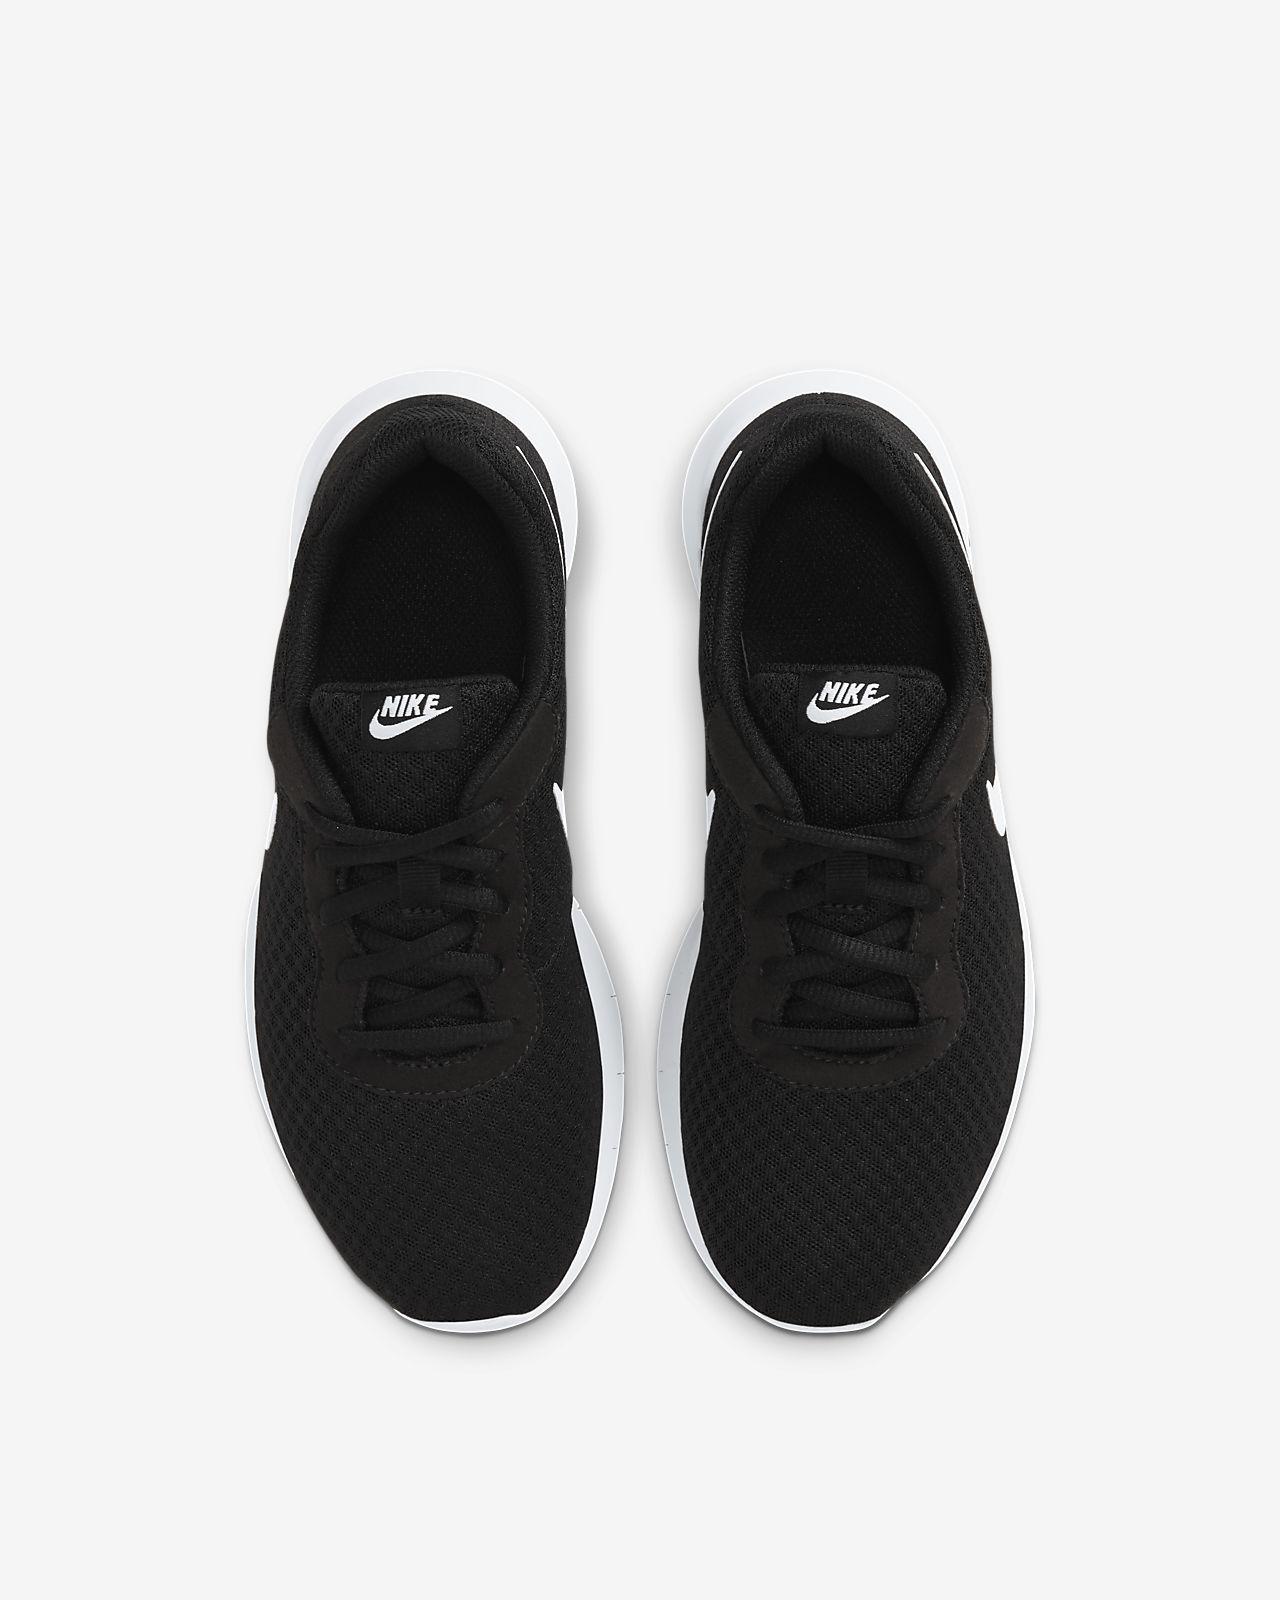 Finden Sie Top Angebote für Nike,Tanjun,Slipper,Slip on,39